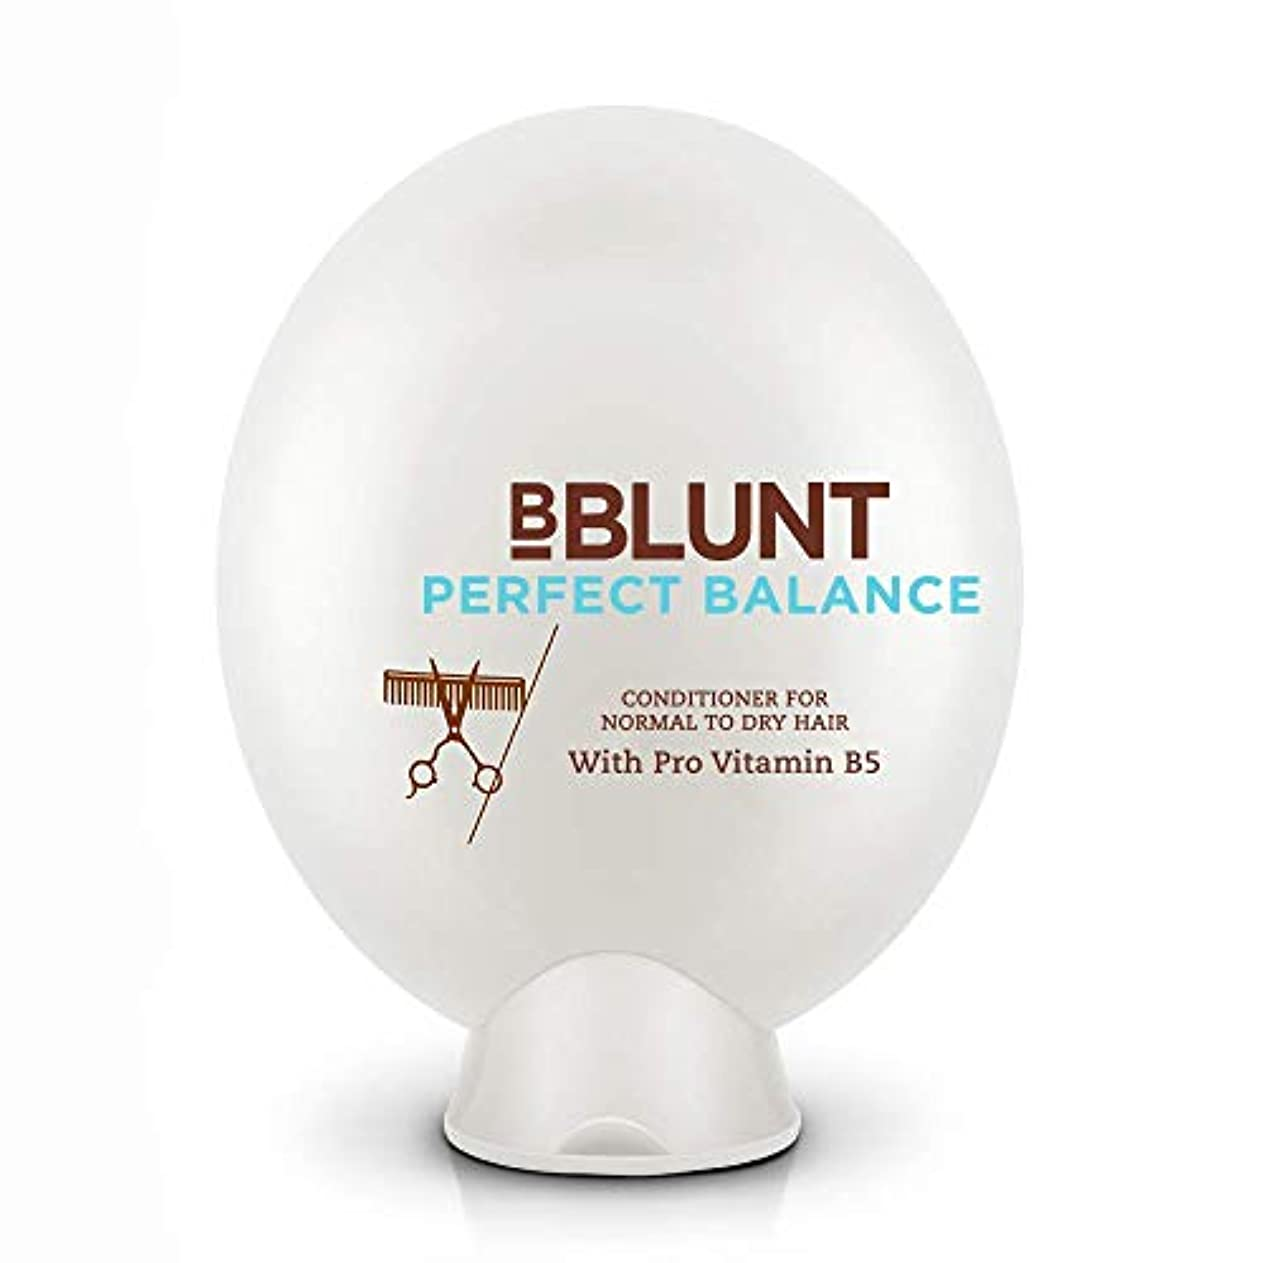 落胆する原油現象BBLUNT Perfect Balance Conditioner for Normal To Dry Hair, 200g (Provitamin B5)